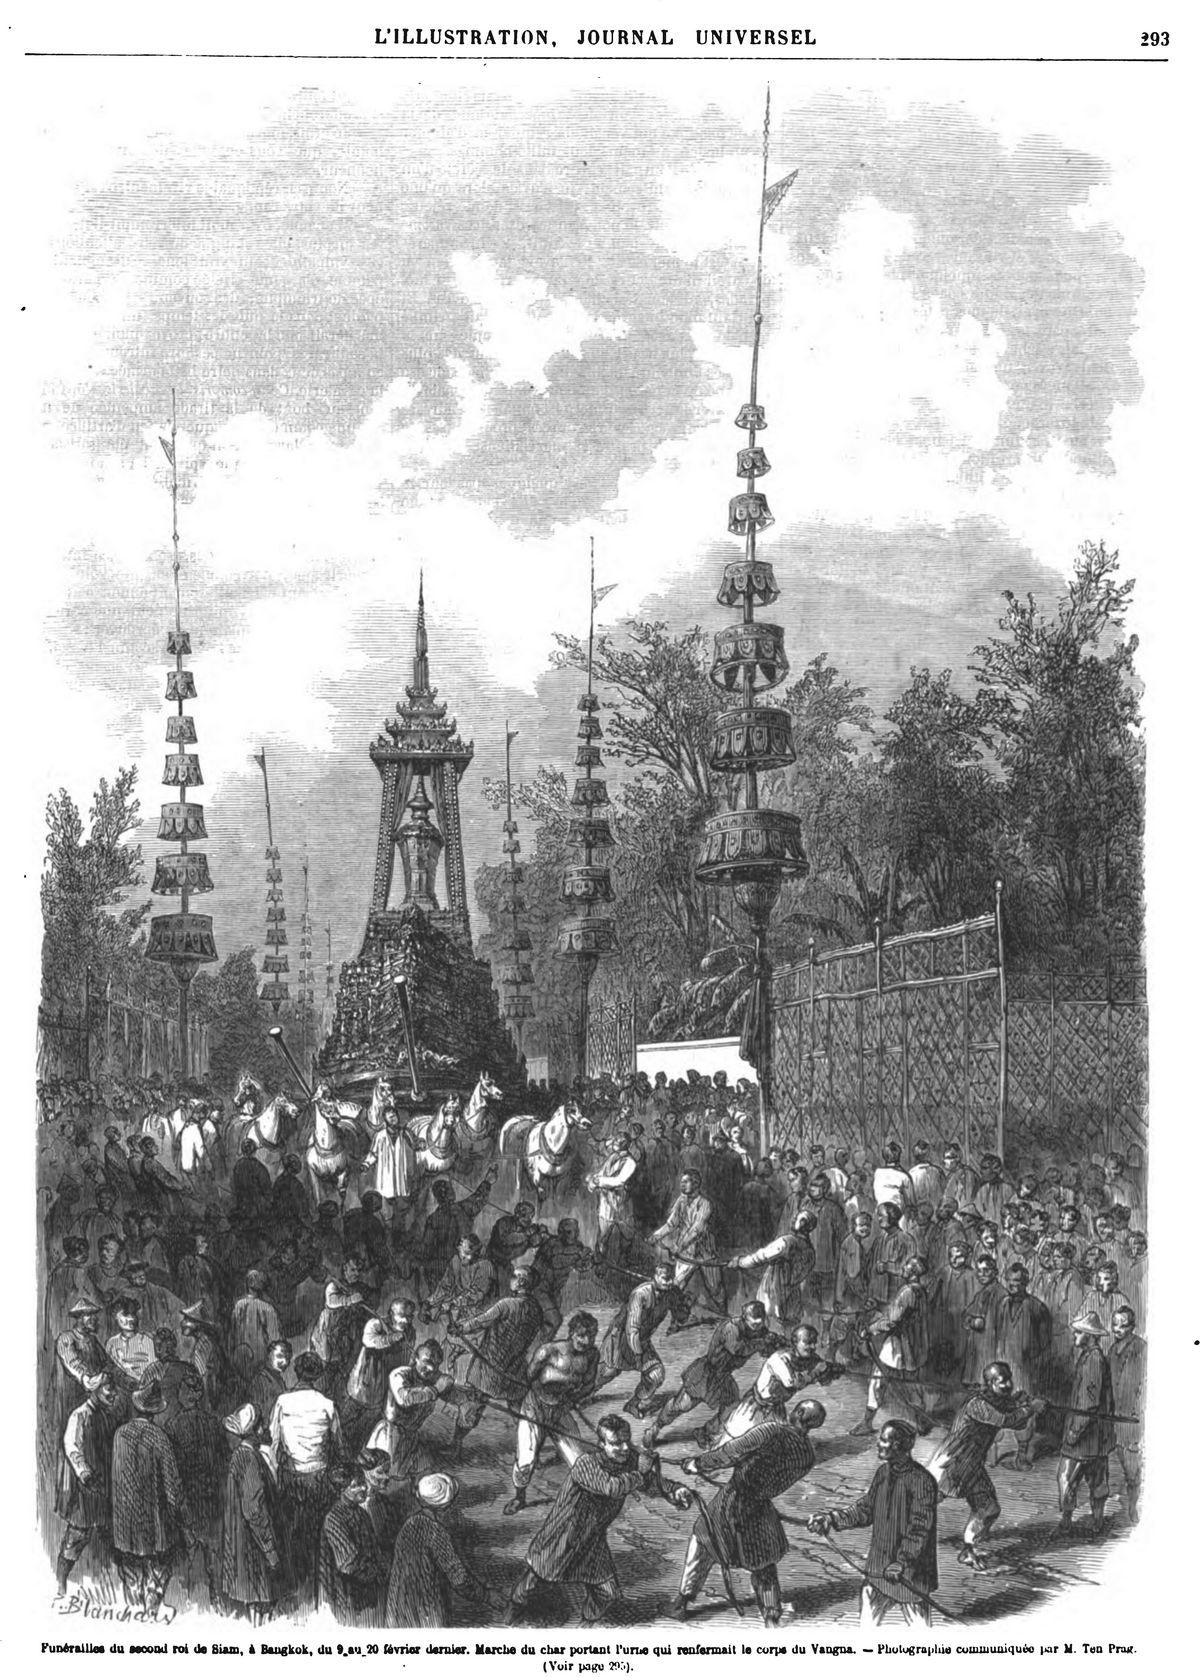 Funérailles du second roi de Siam, à Bangkok, du 9.au 20 février dernier. Marche du char portant l'urne qui renfermait le corps du Vangna. - Photographie communiquée Par M. Ten Prag.